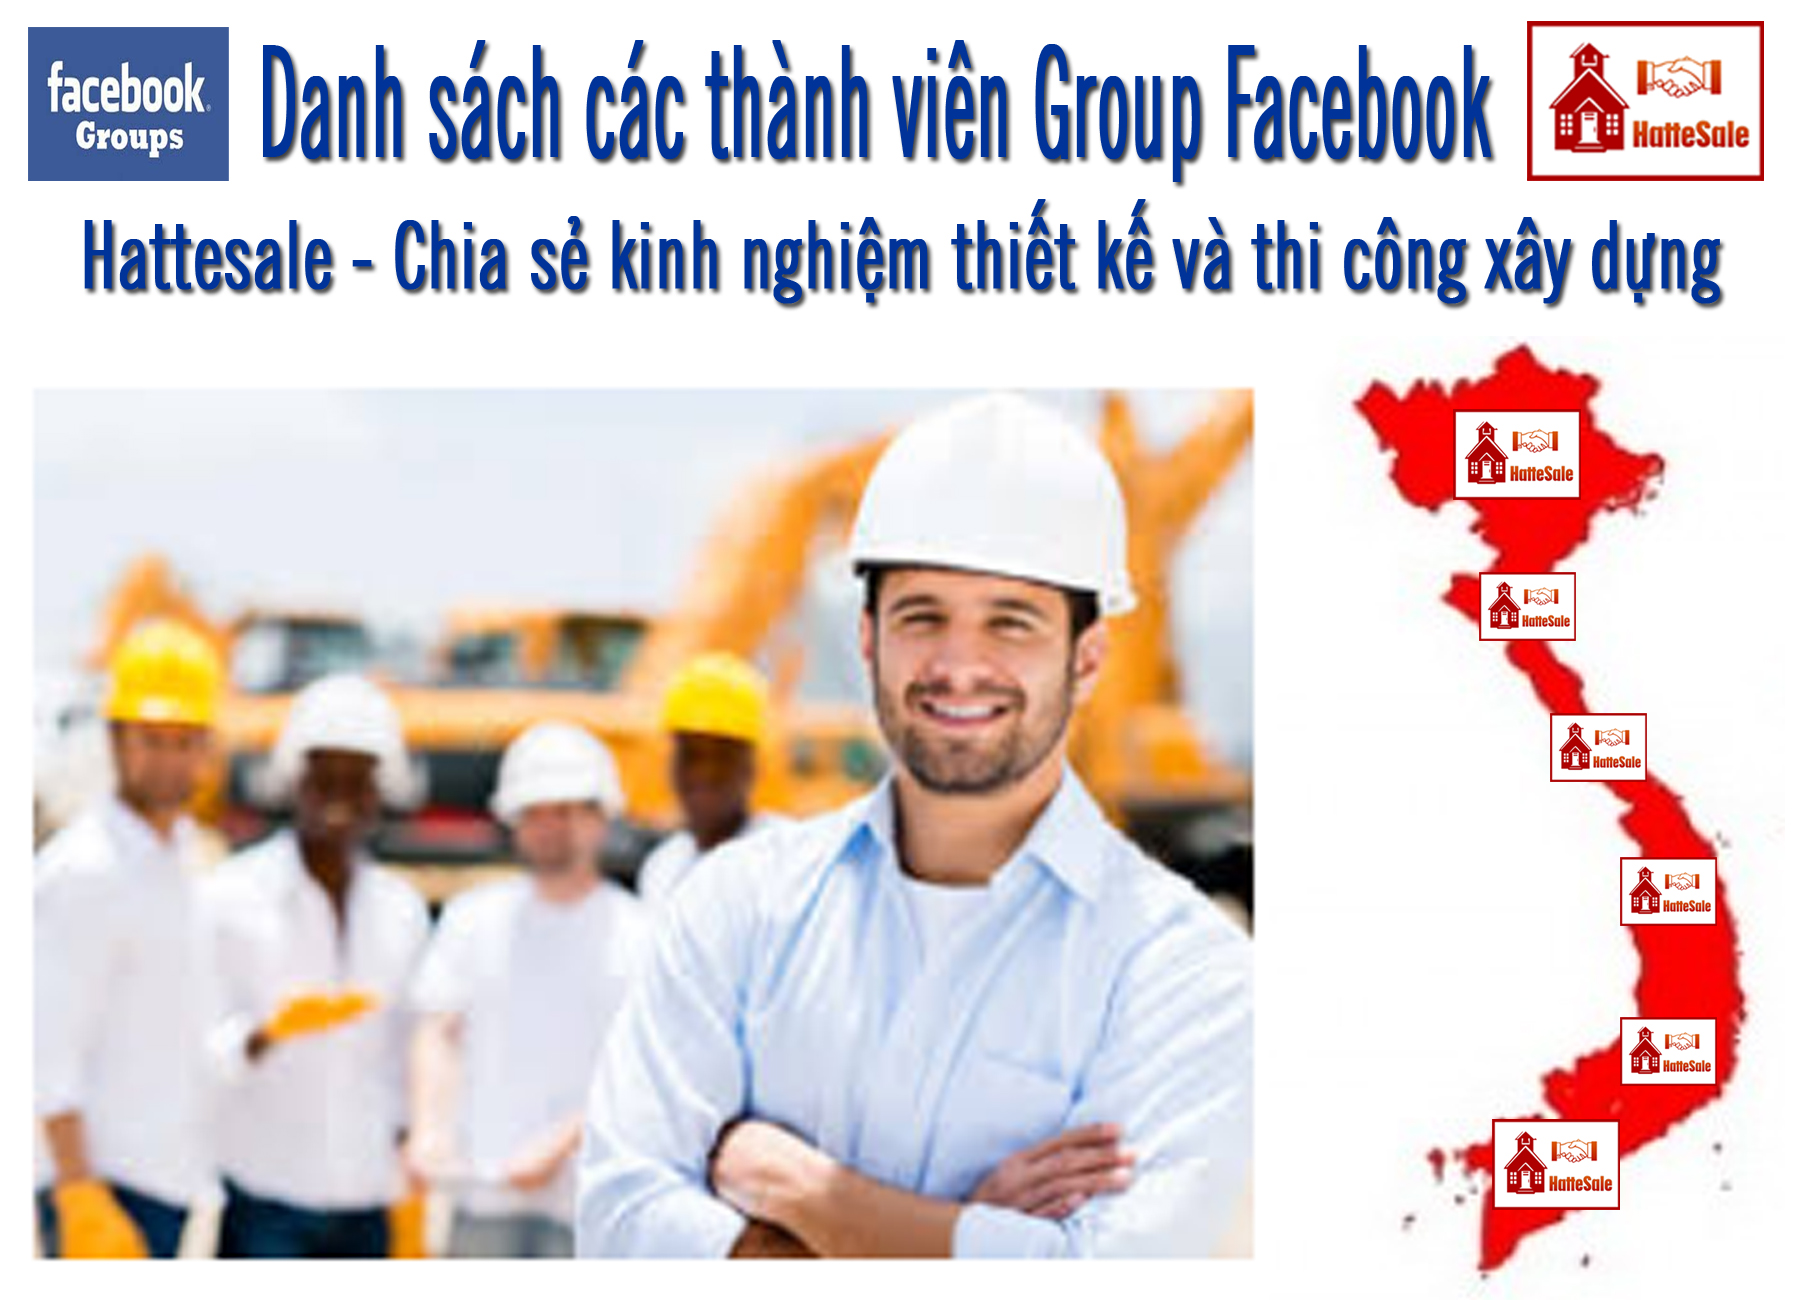 Danh sách các tài khoảng facebook là thành viên Group Hattesale - Chia sẻ kinh nghiệm thiết kế và thi công xây dựng